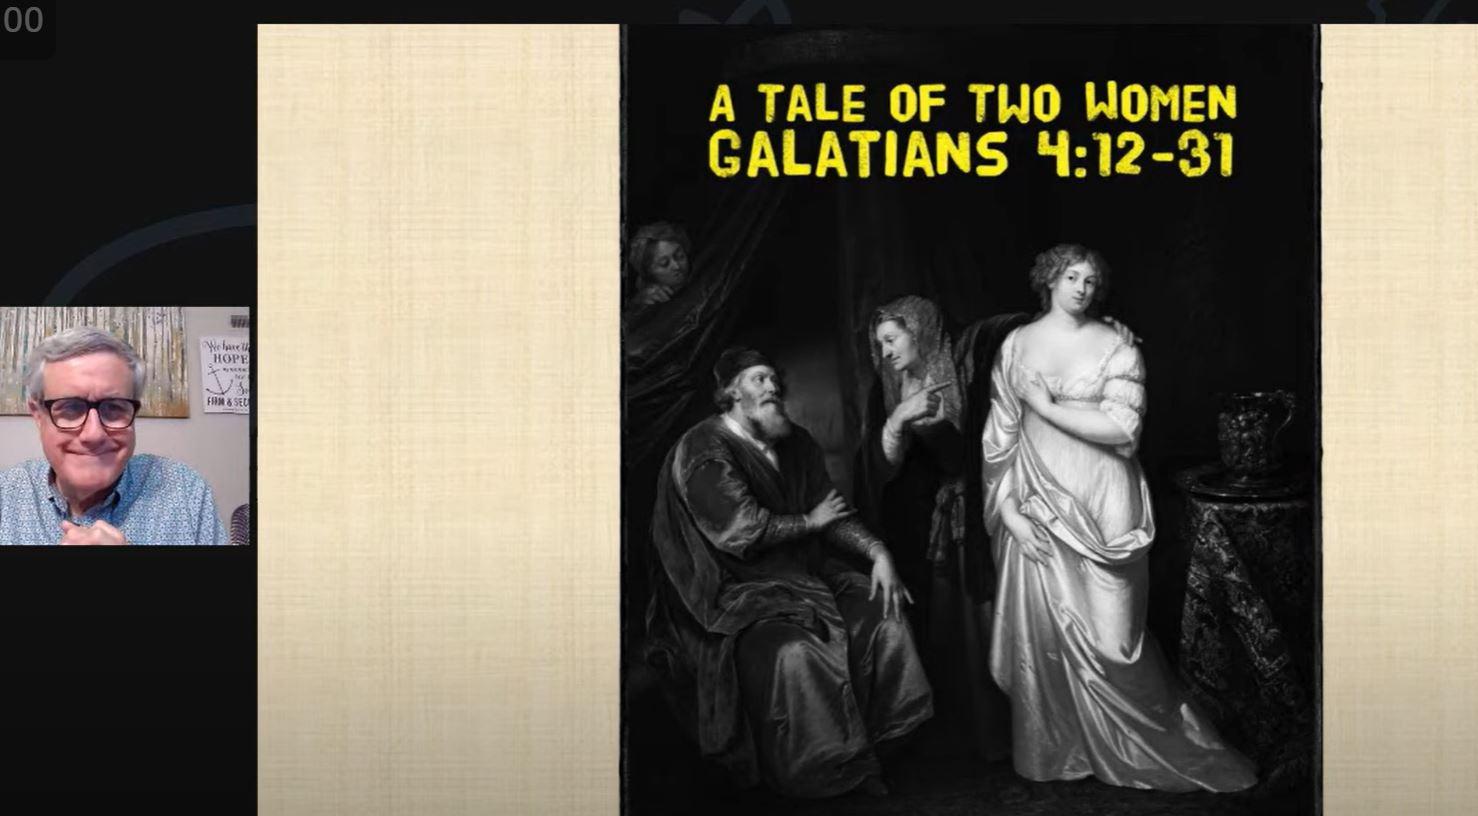 A Tale of Two Women (Galatians 4:12-31)